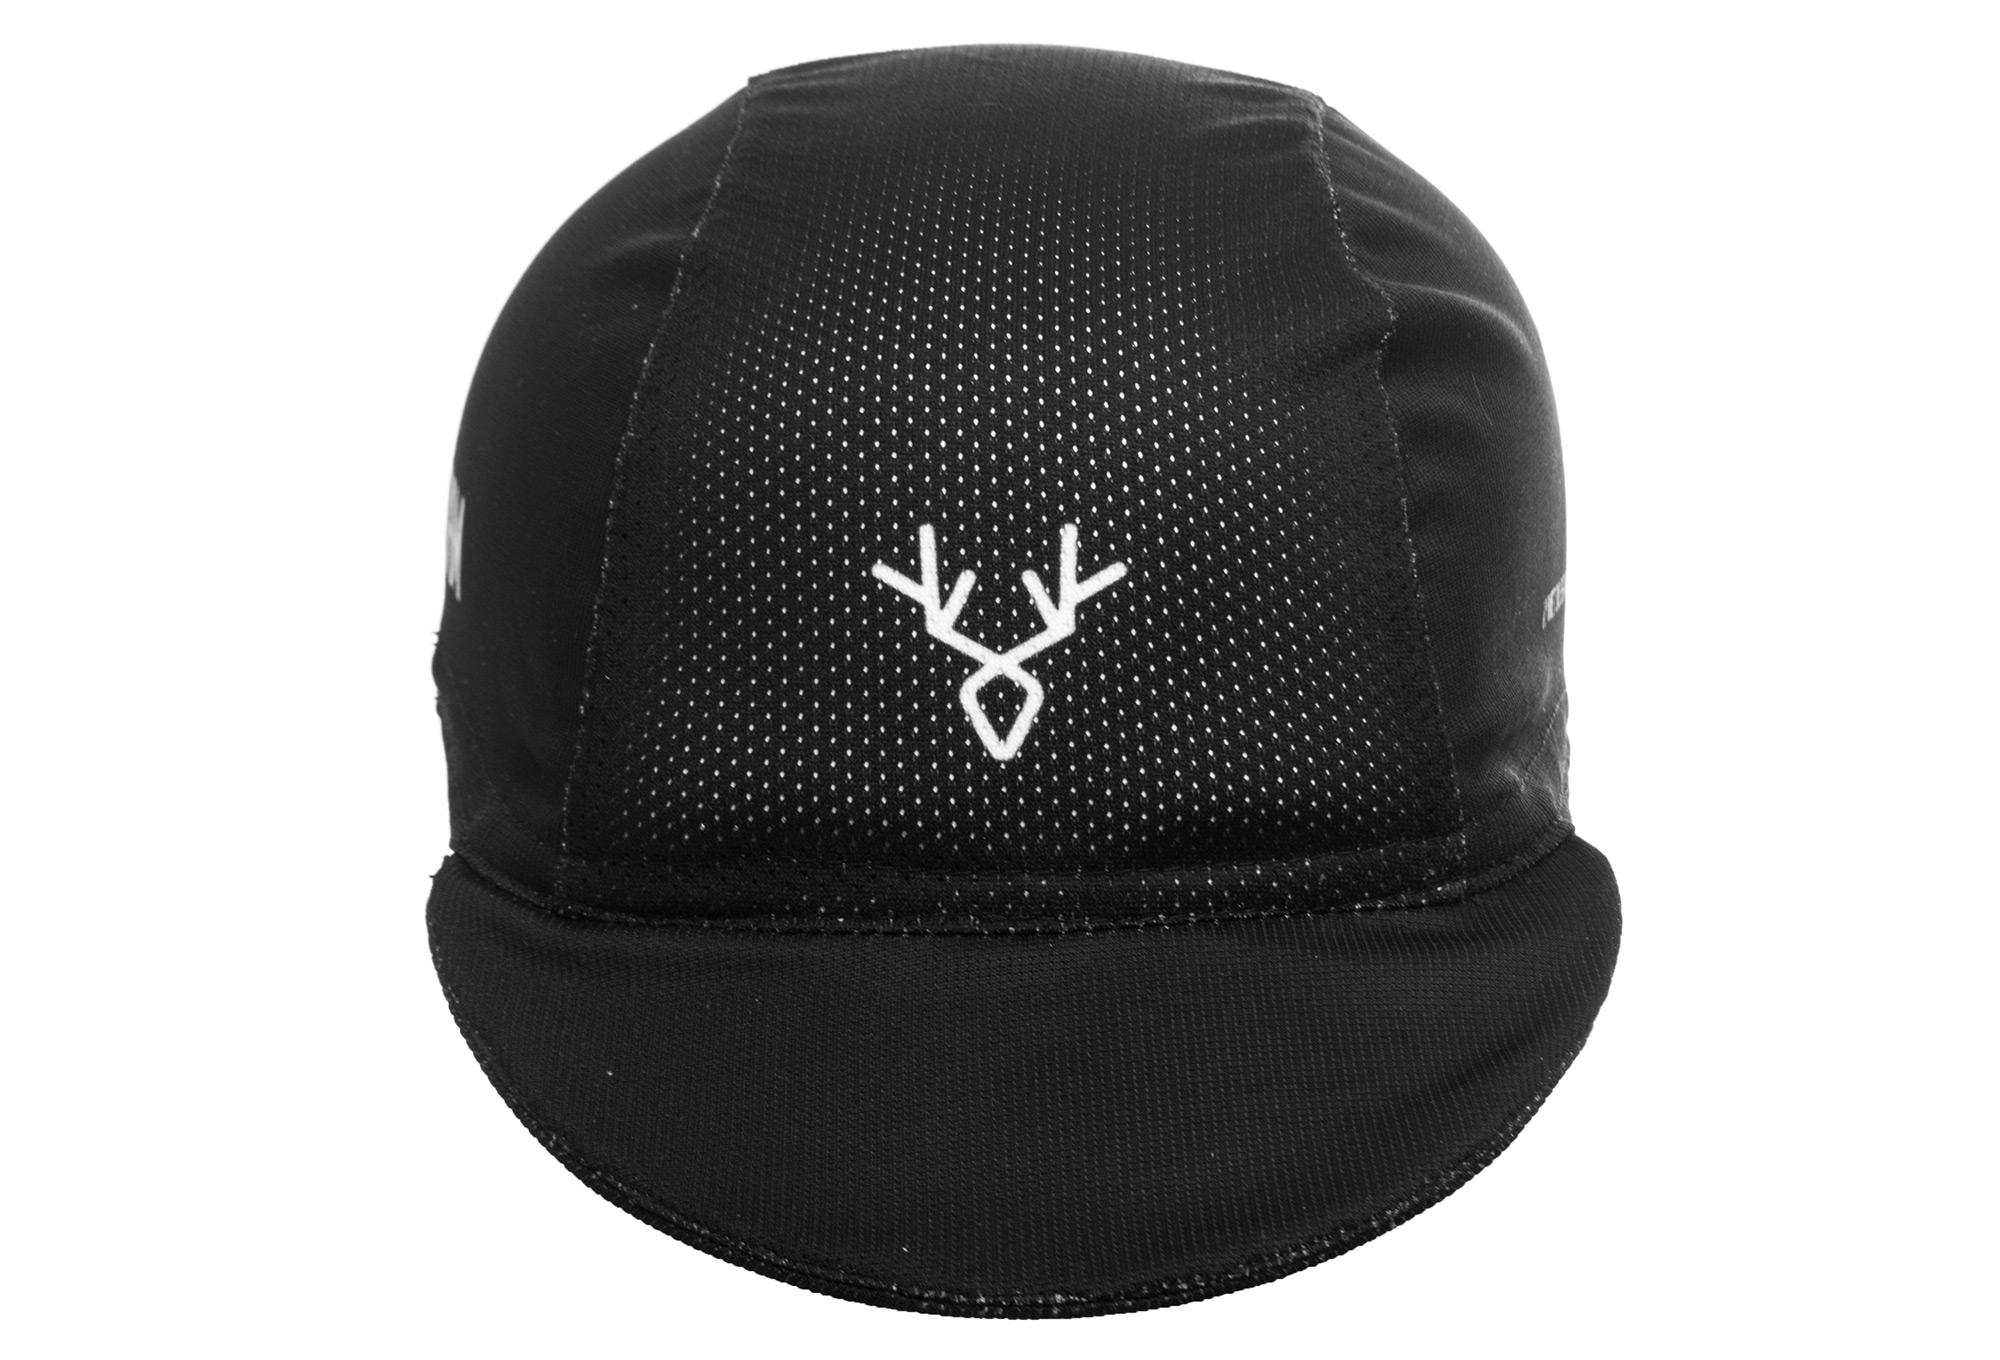 Cappellino ciclismo LeBram Classique nero  a3c6bd98825a